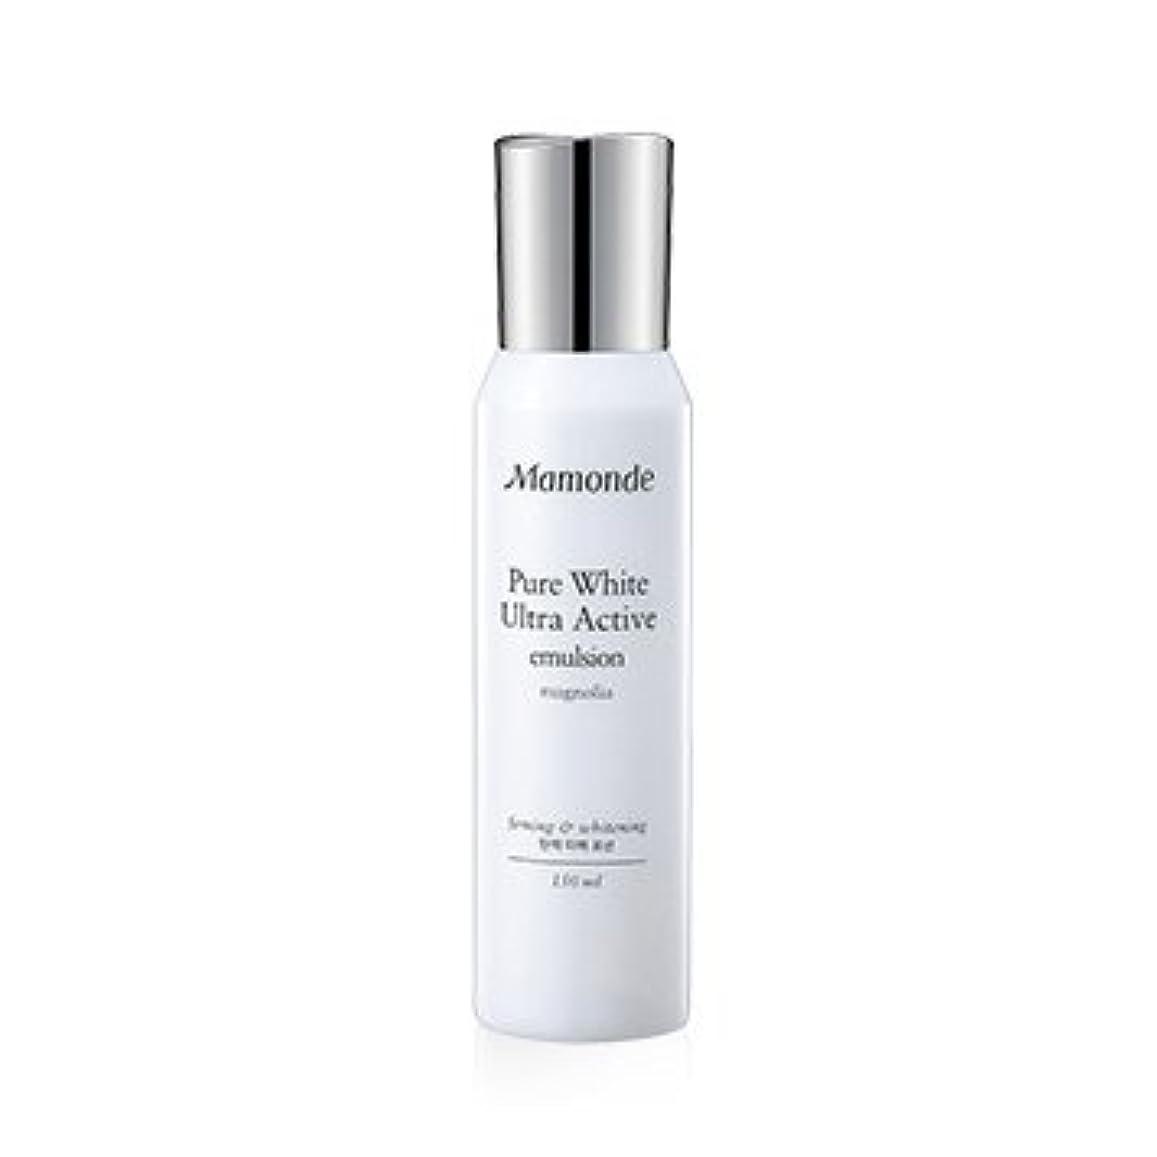 潤滑するメイン結果Mamonde Pure White Ultra Active Emulsion 150ml/マモンド ピュア ホワイト ウルトラ アクティブ エマルジョン 150ml [並行輸入品]